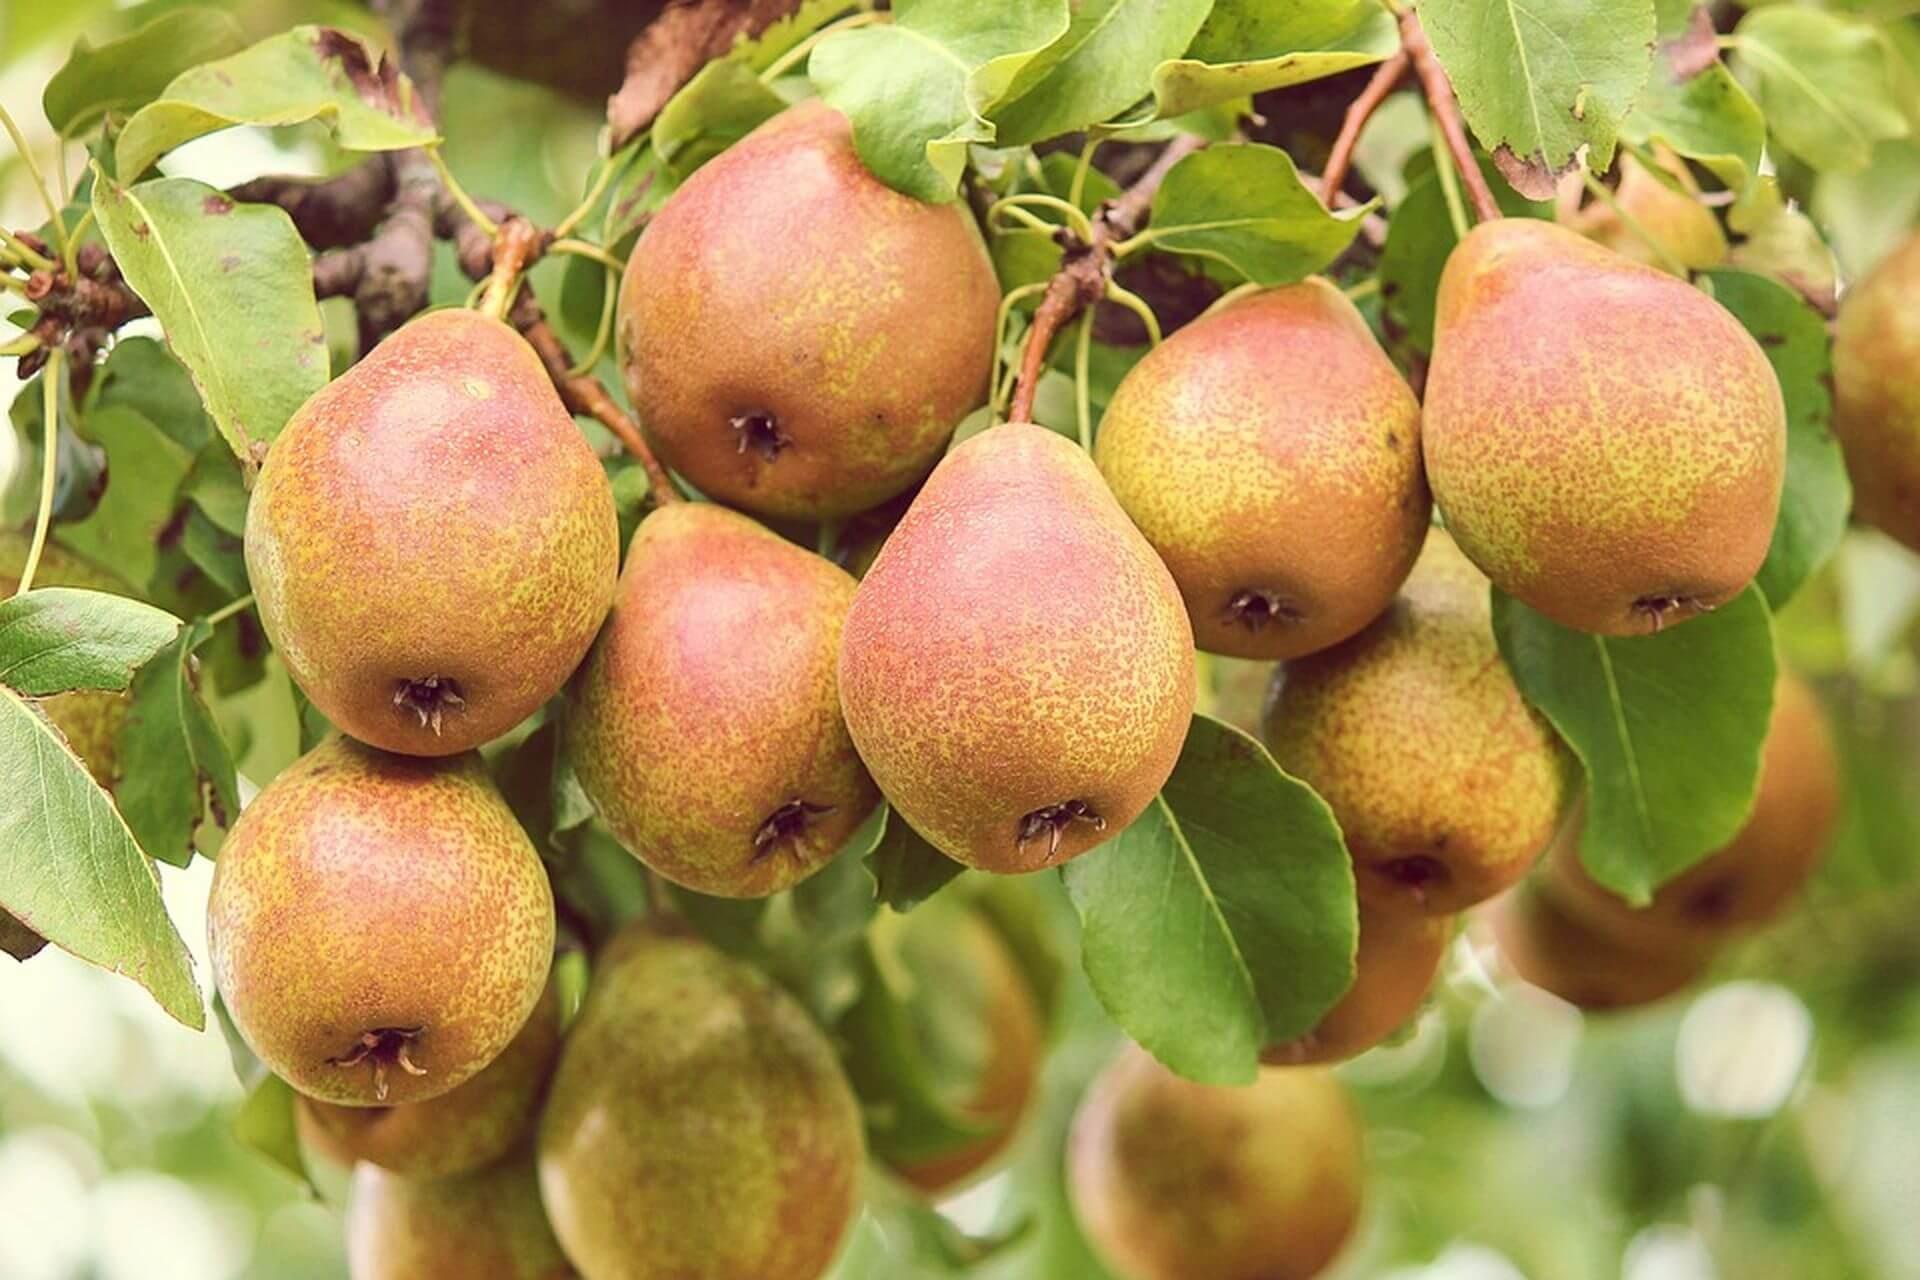 как ускорить плодоношение груши